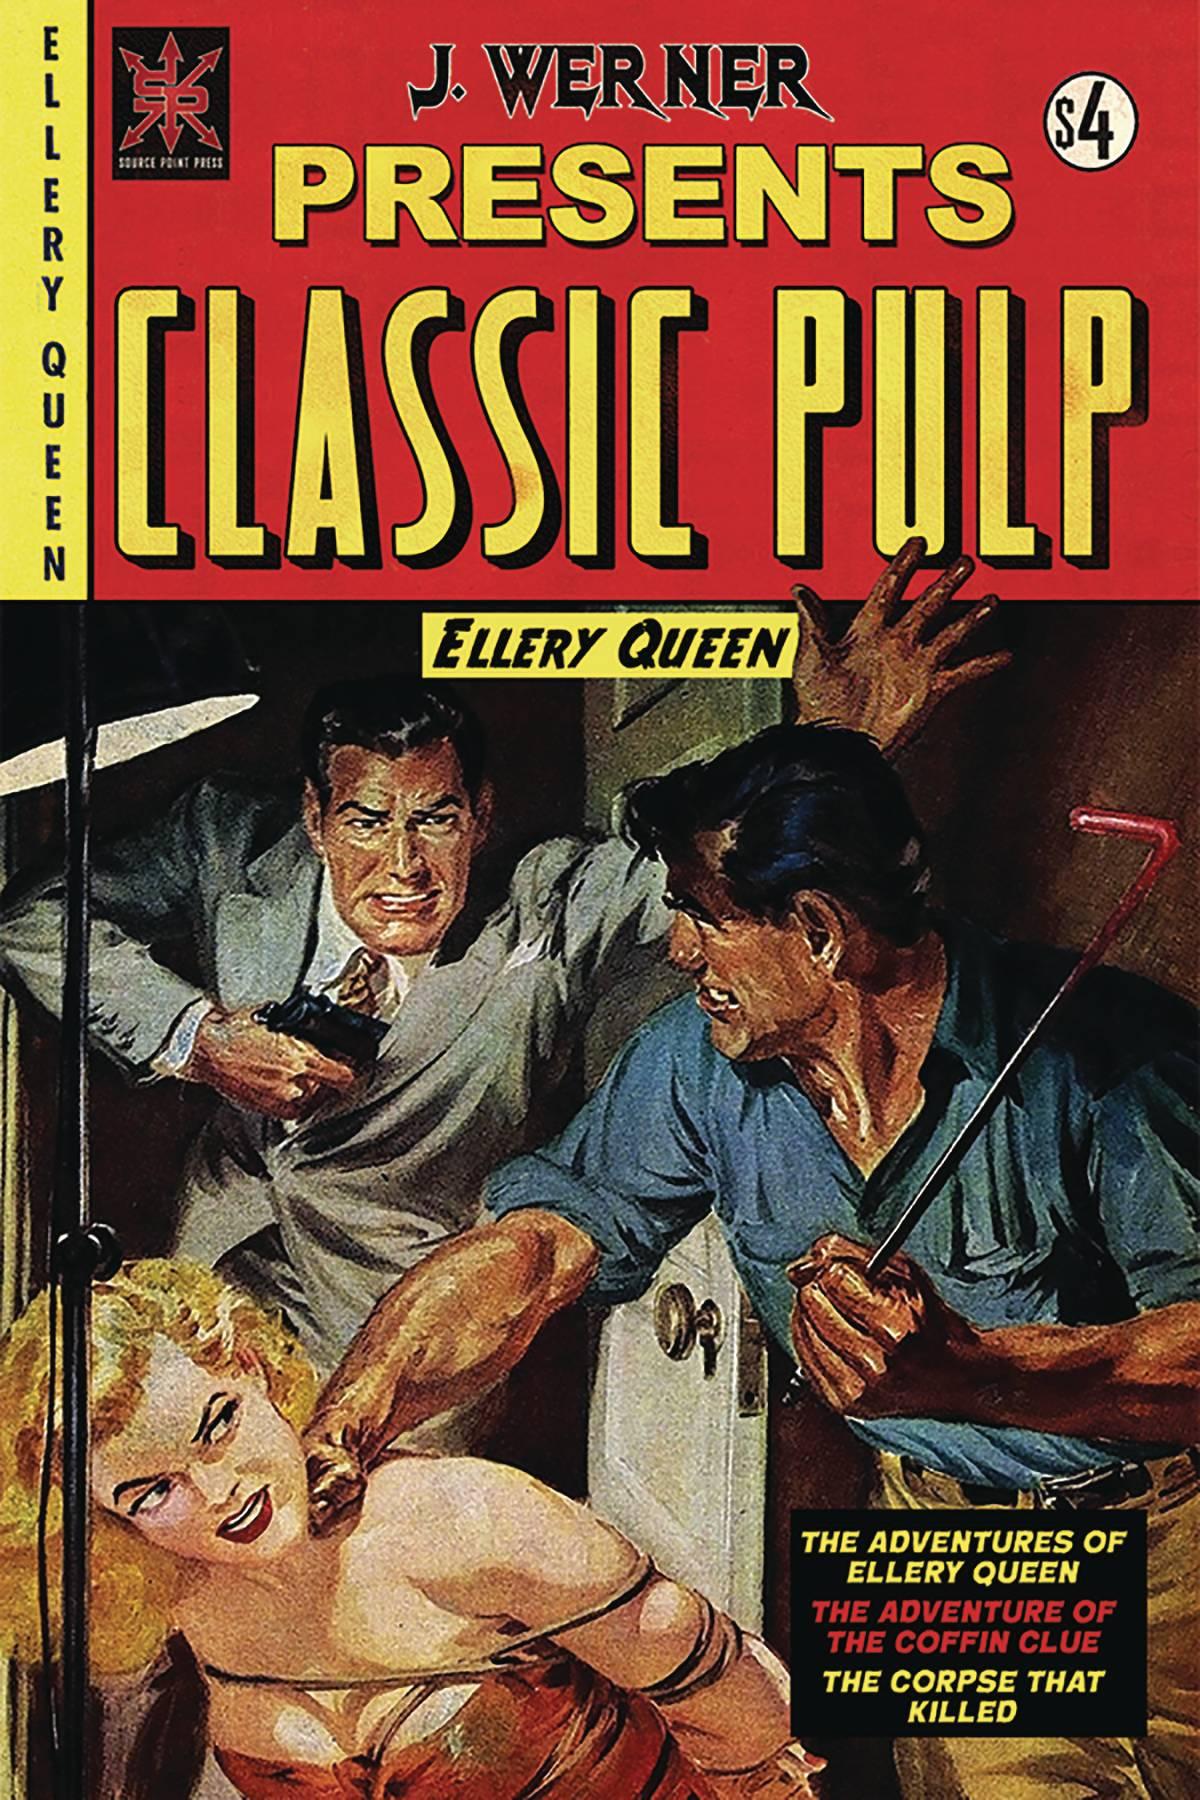 Classic Pulp: Ellery Queen (Oneshot) #1 (2020)